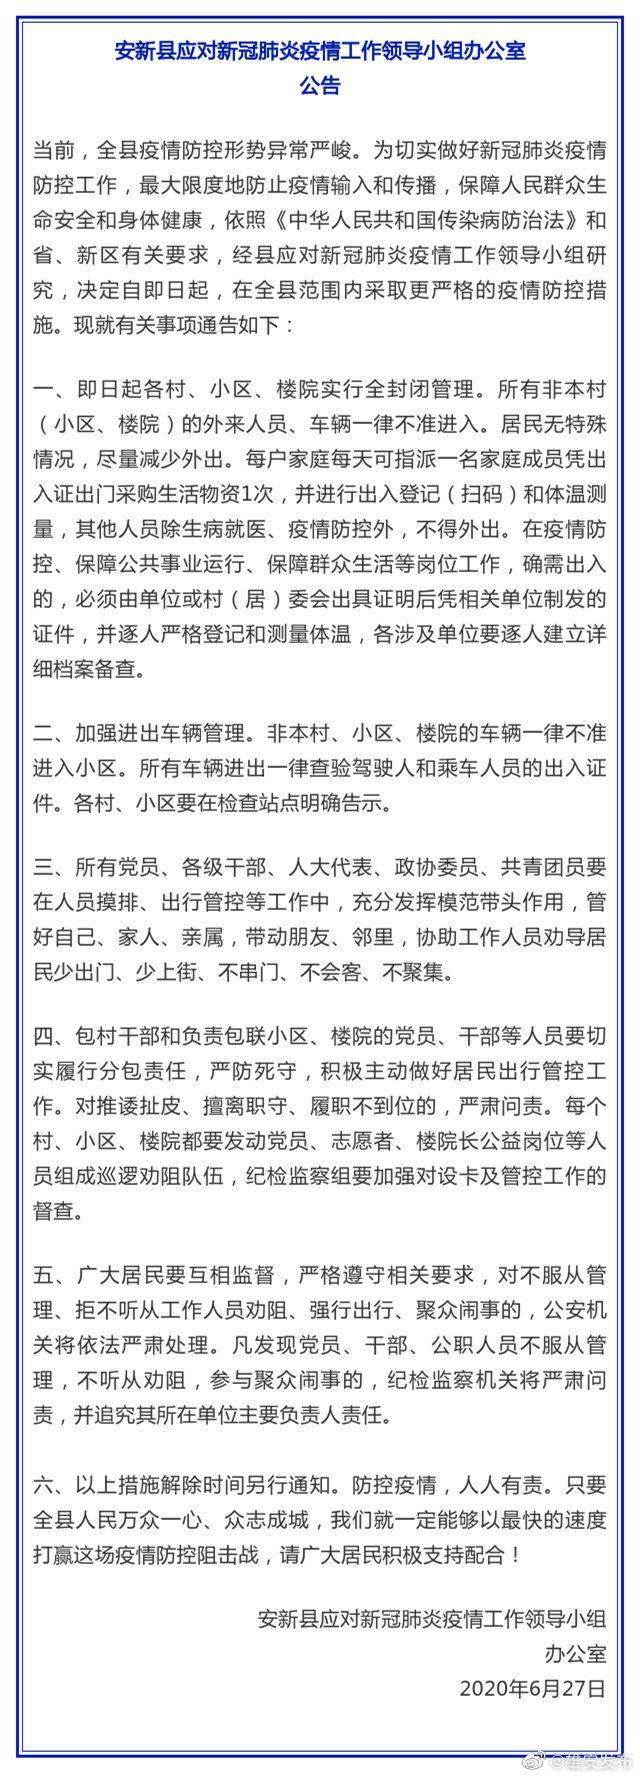 雄安安新县:即日起各村、小区、楼院实行全封闭管理